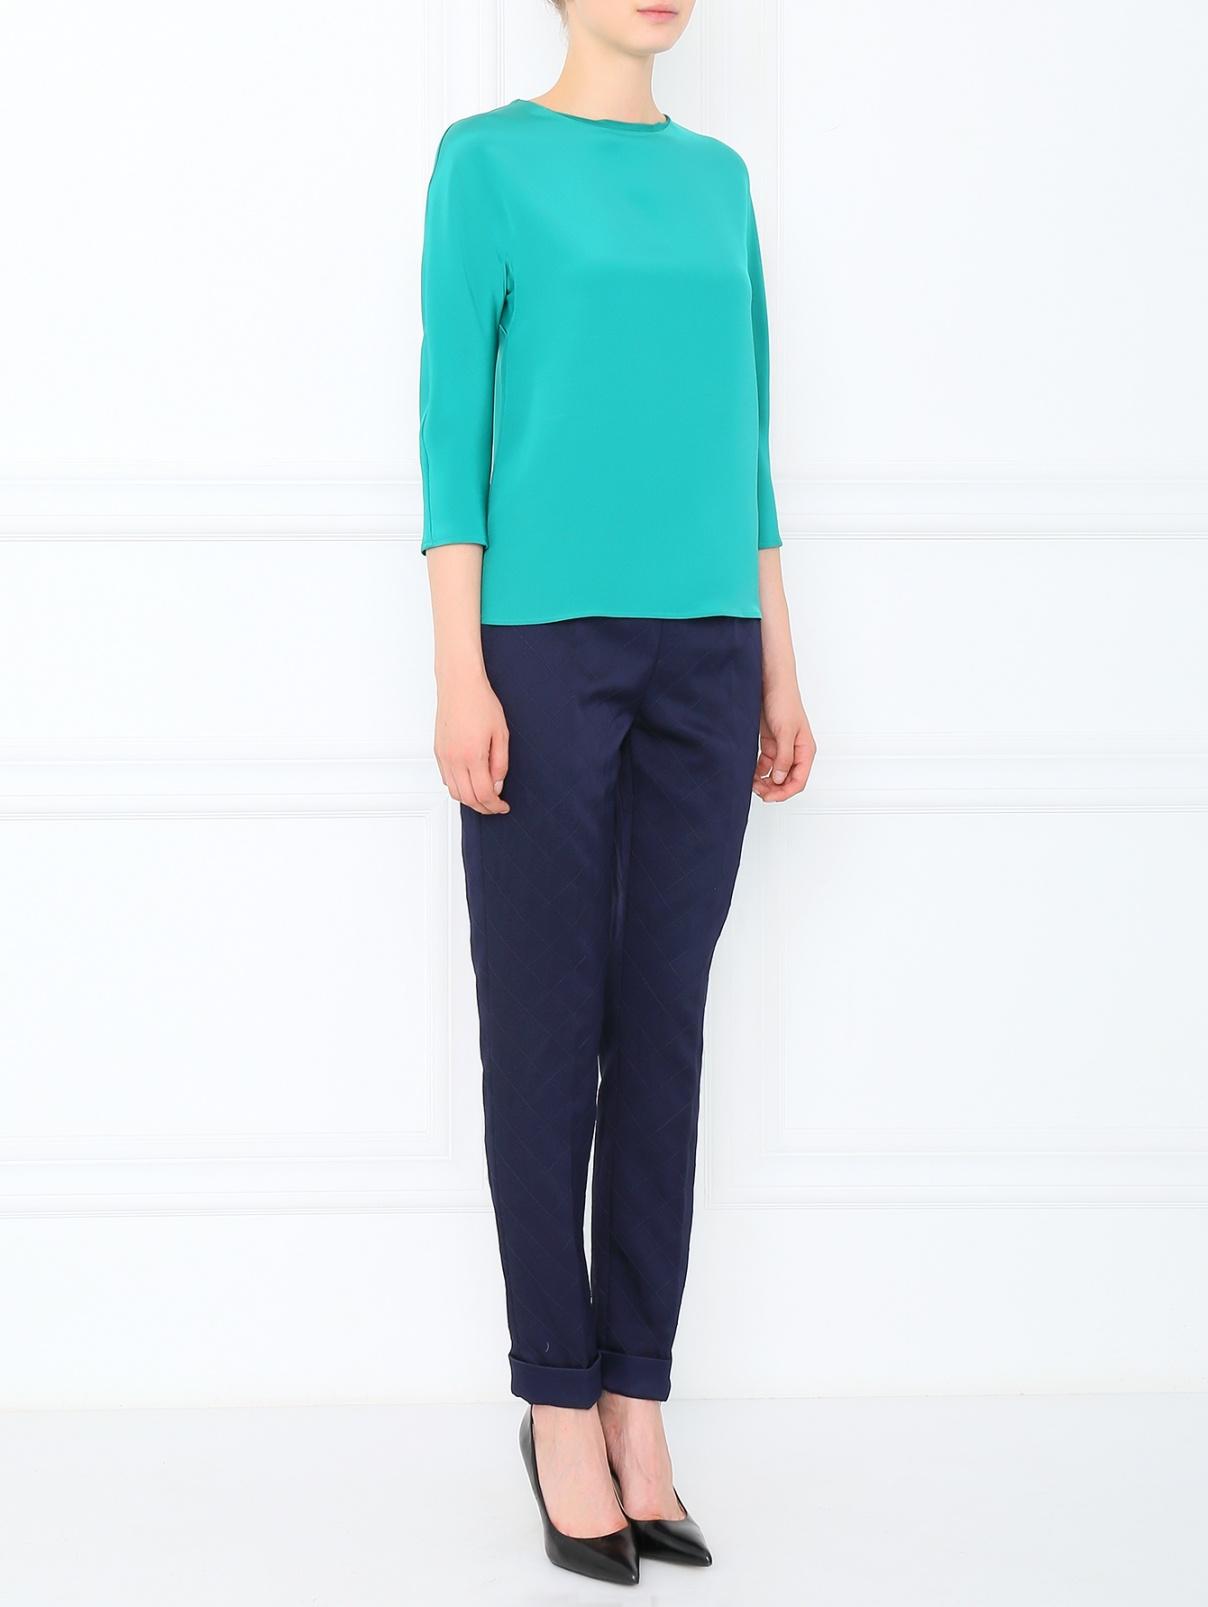 Брюки узкие с подворотом Moschino Couture  –  Модель Общий вид